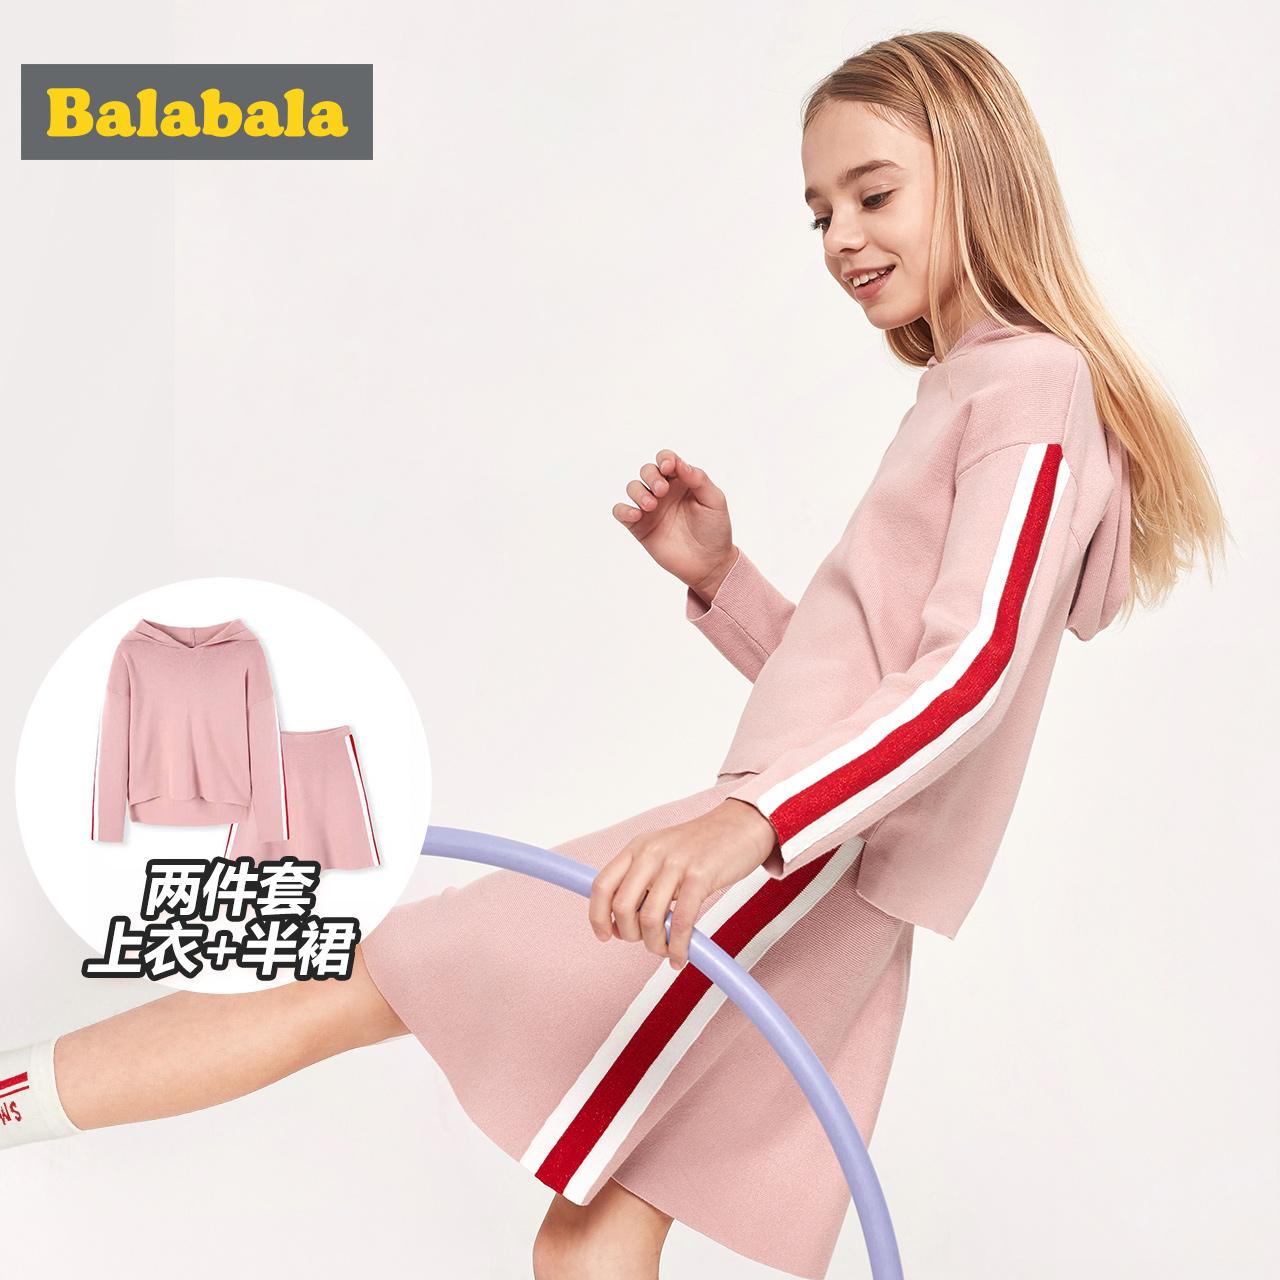 巴拉巴拉女童春装套装儿童衣服中大童2019新款洋气卫衣裙子两件套